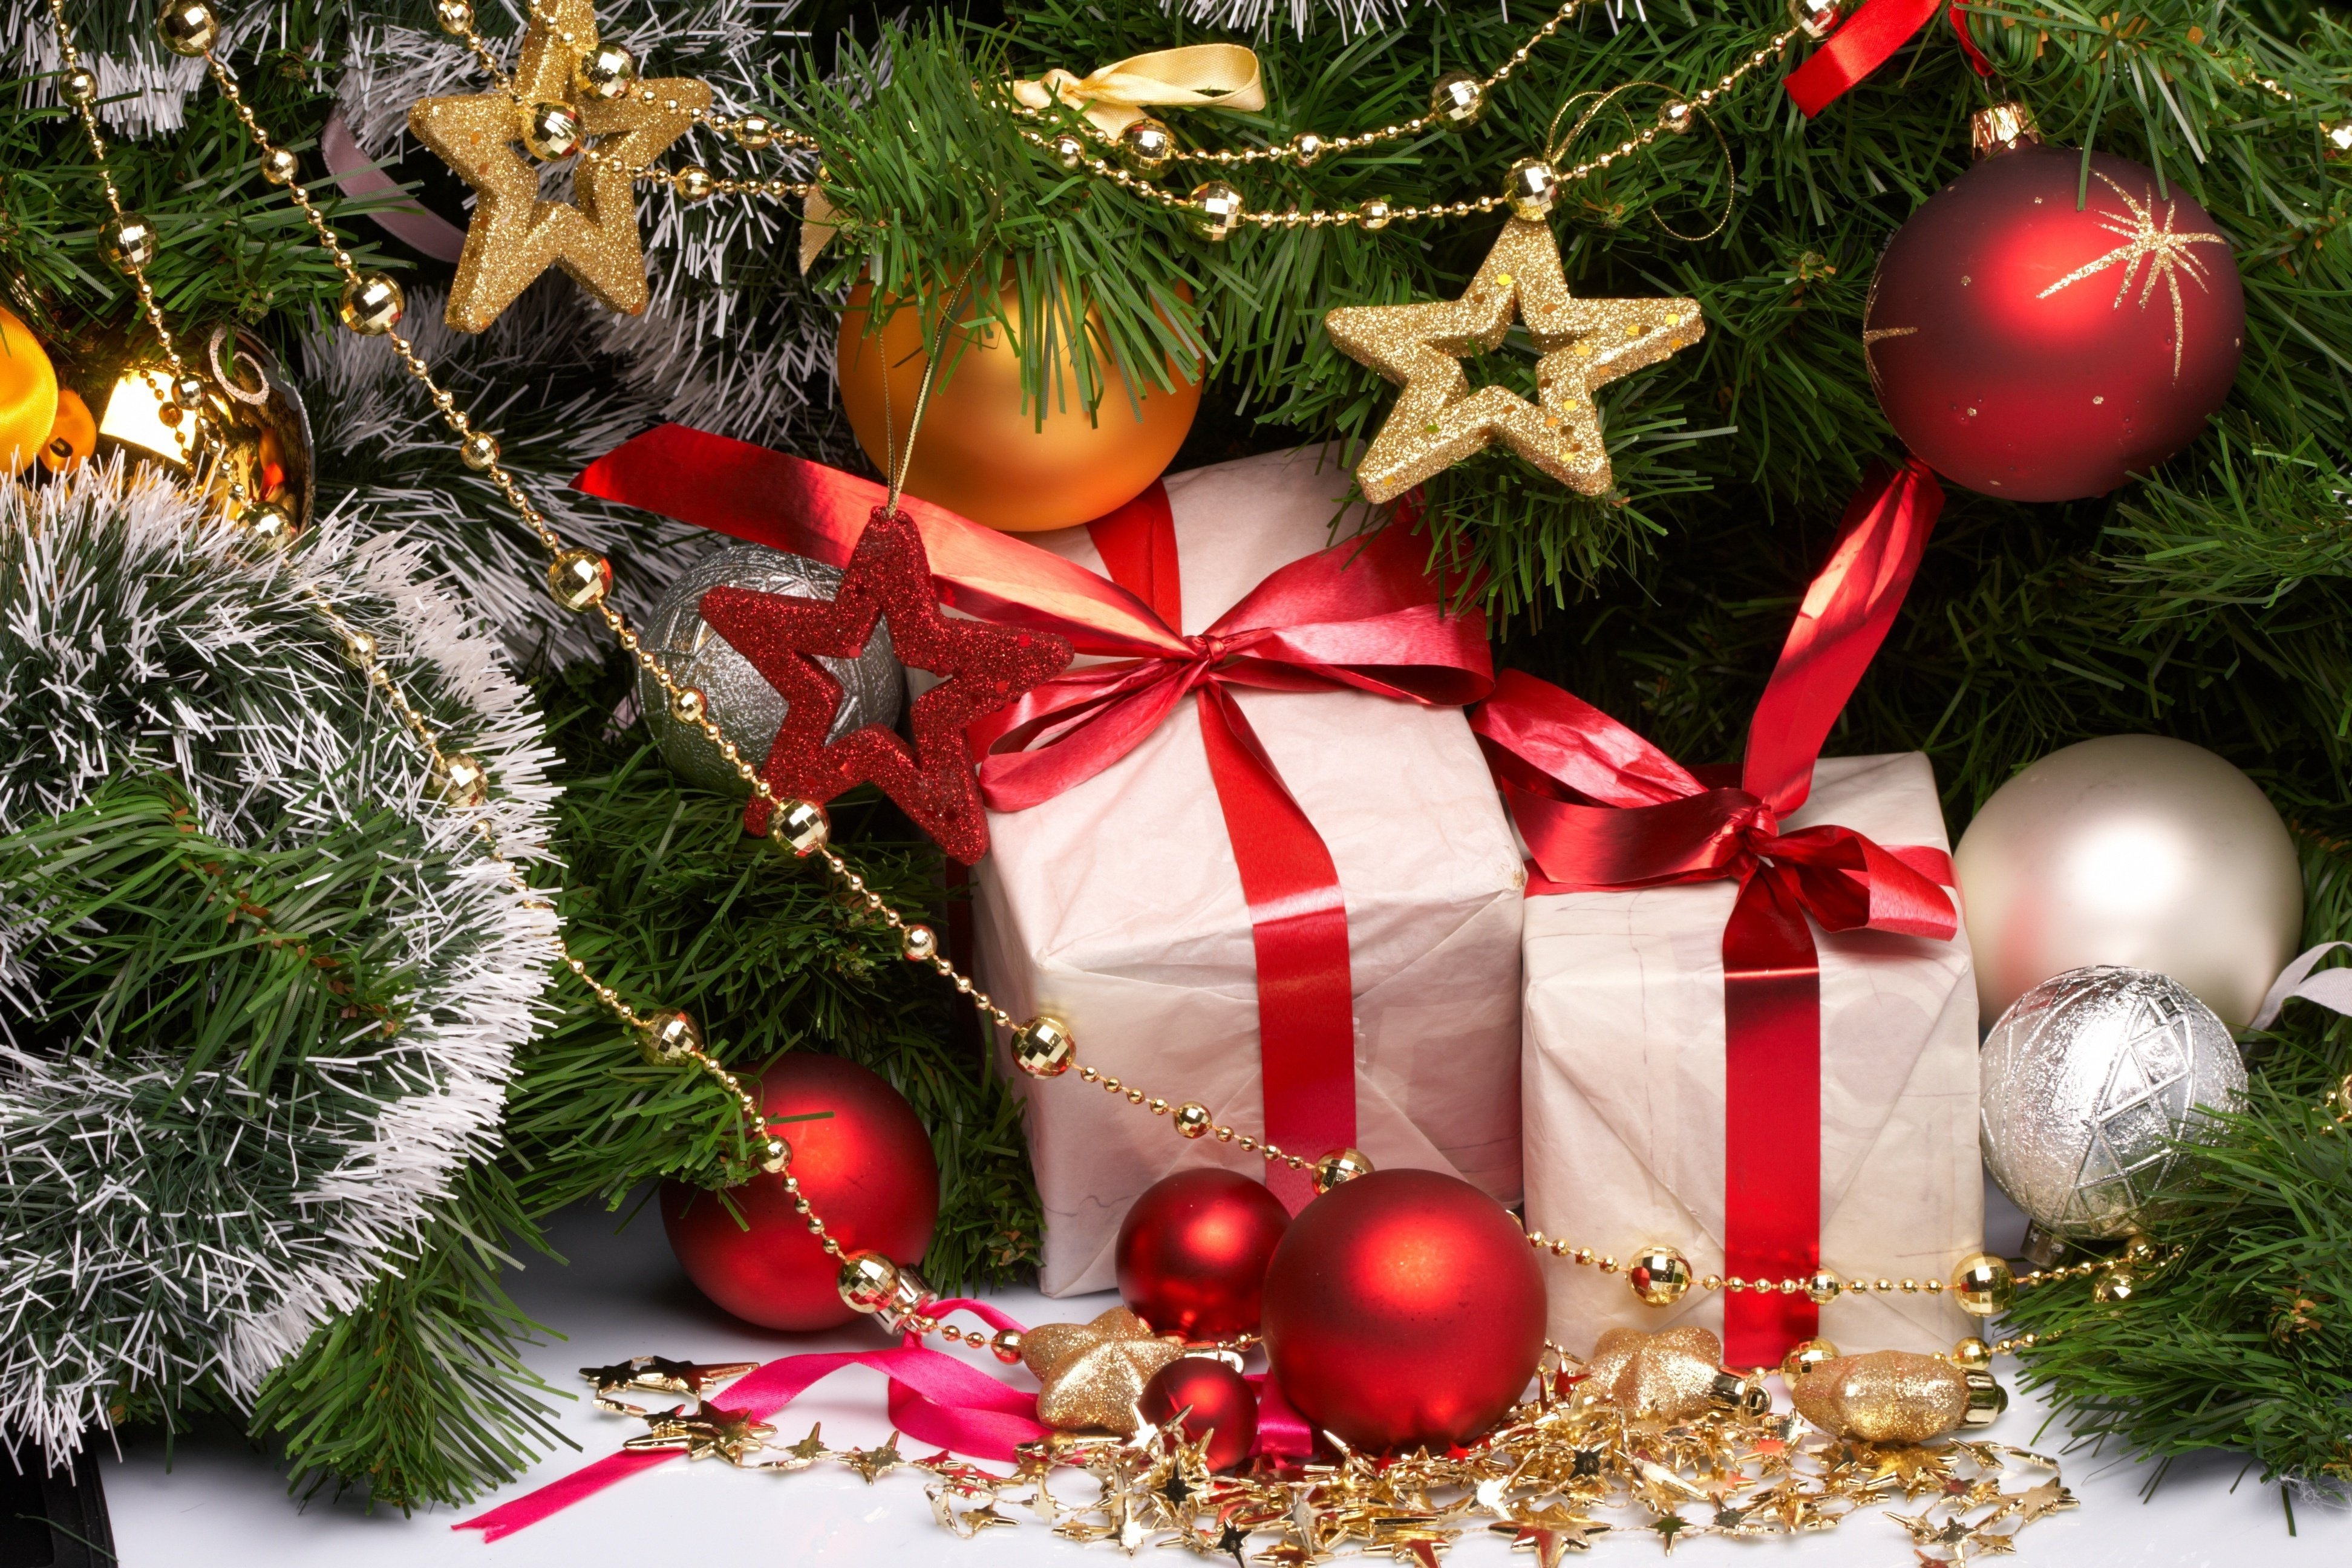 Бюджетные подарки на новый год близкими